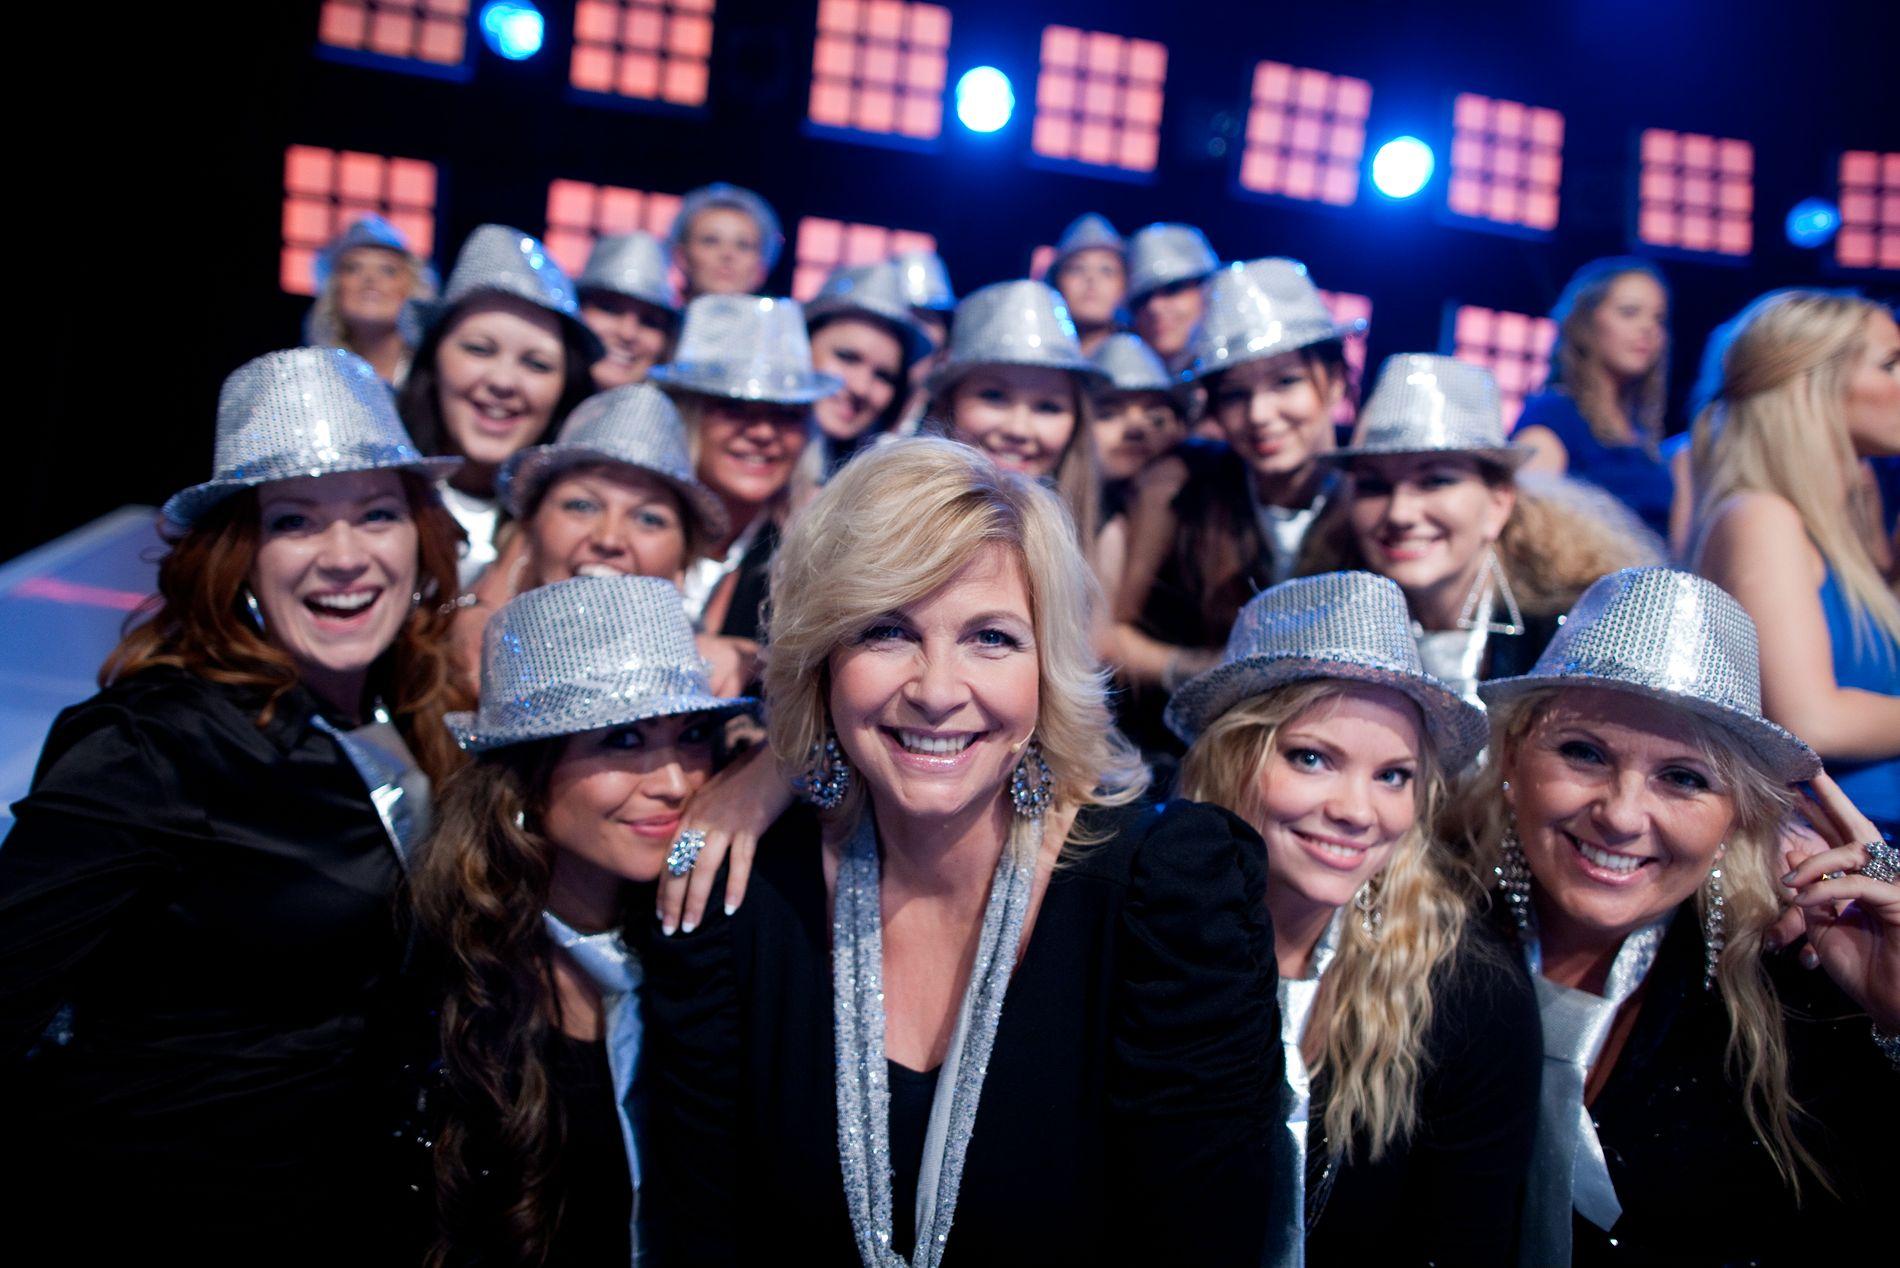 KOR E ALLE HELTAR HEN: I 2011 deltok Torhild Sivertsen i Det store korslaget på TV2. Får KrF det som dei vil, kan det bli meir korsong på tv frametter – rett nok av ein litt annan type.